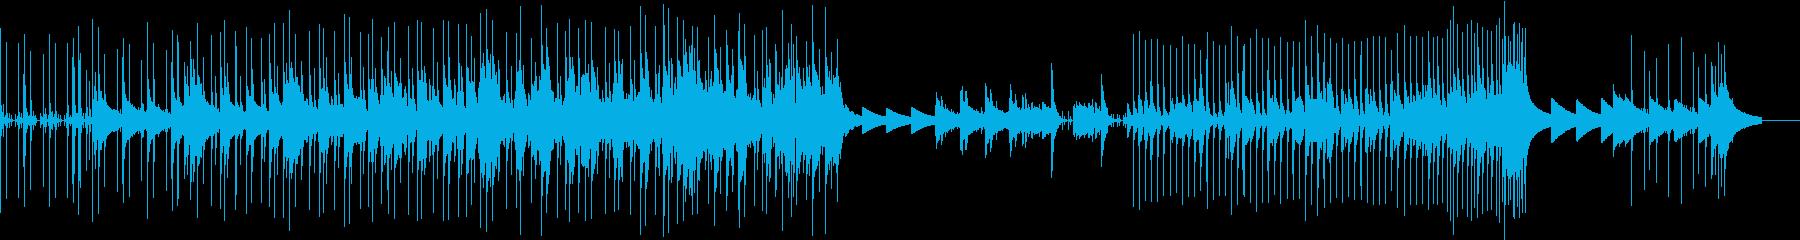 シャッフルしたリズムが軽快で明るくポップの再生済みの波形